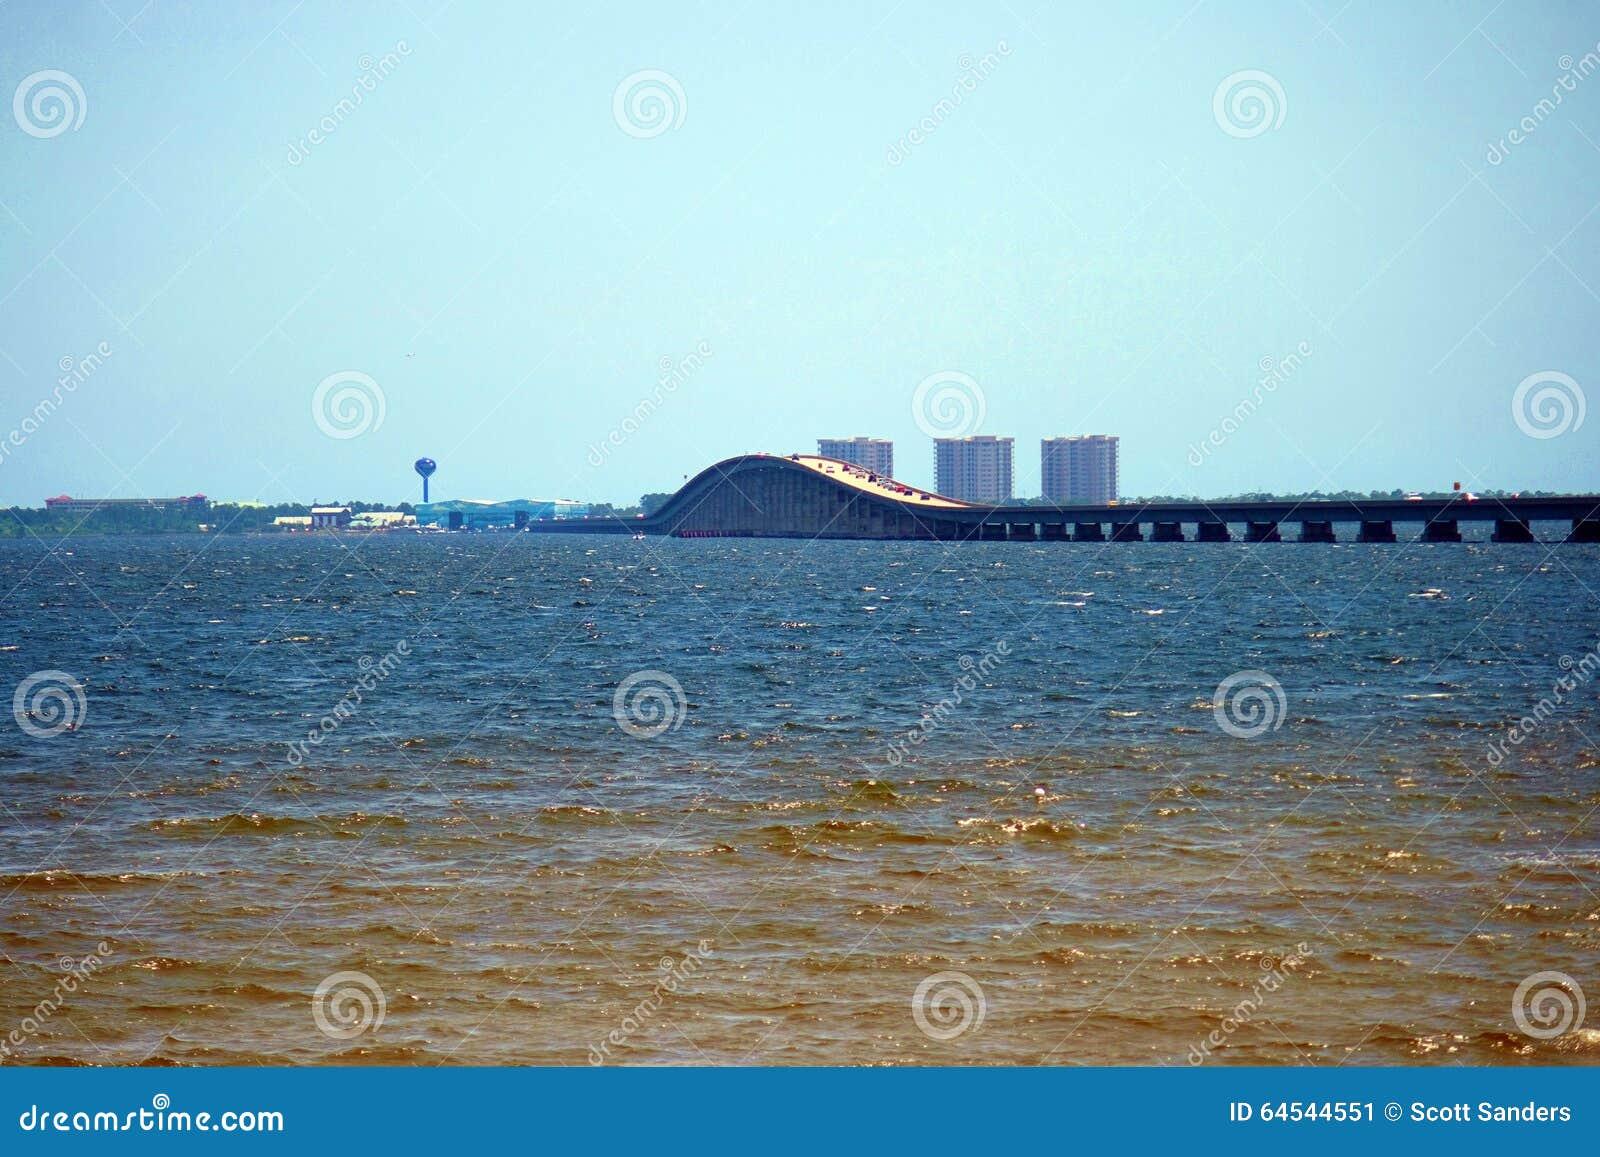 Mittel-Bucht-Brücke